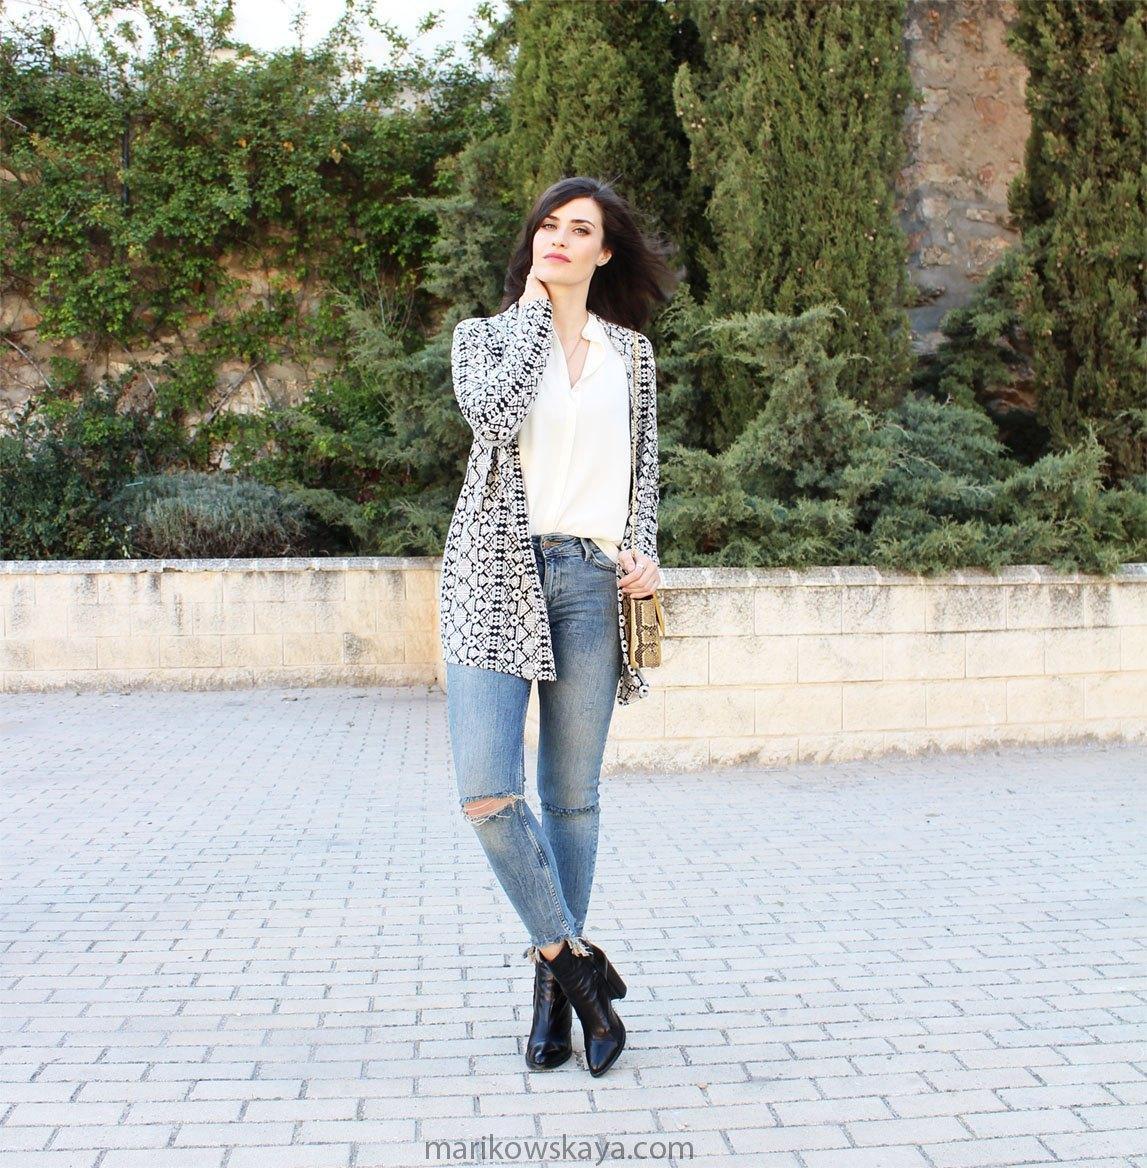 marikowskaya street style ripped jeans 6